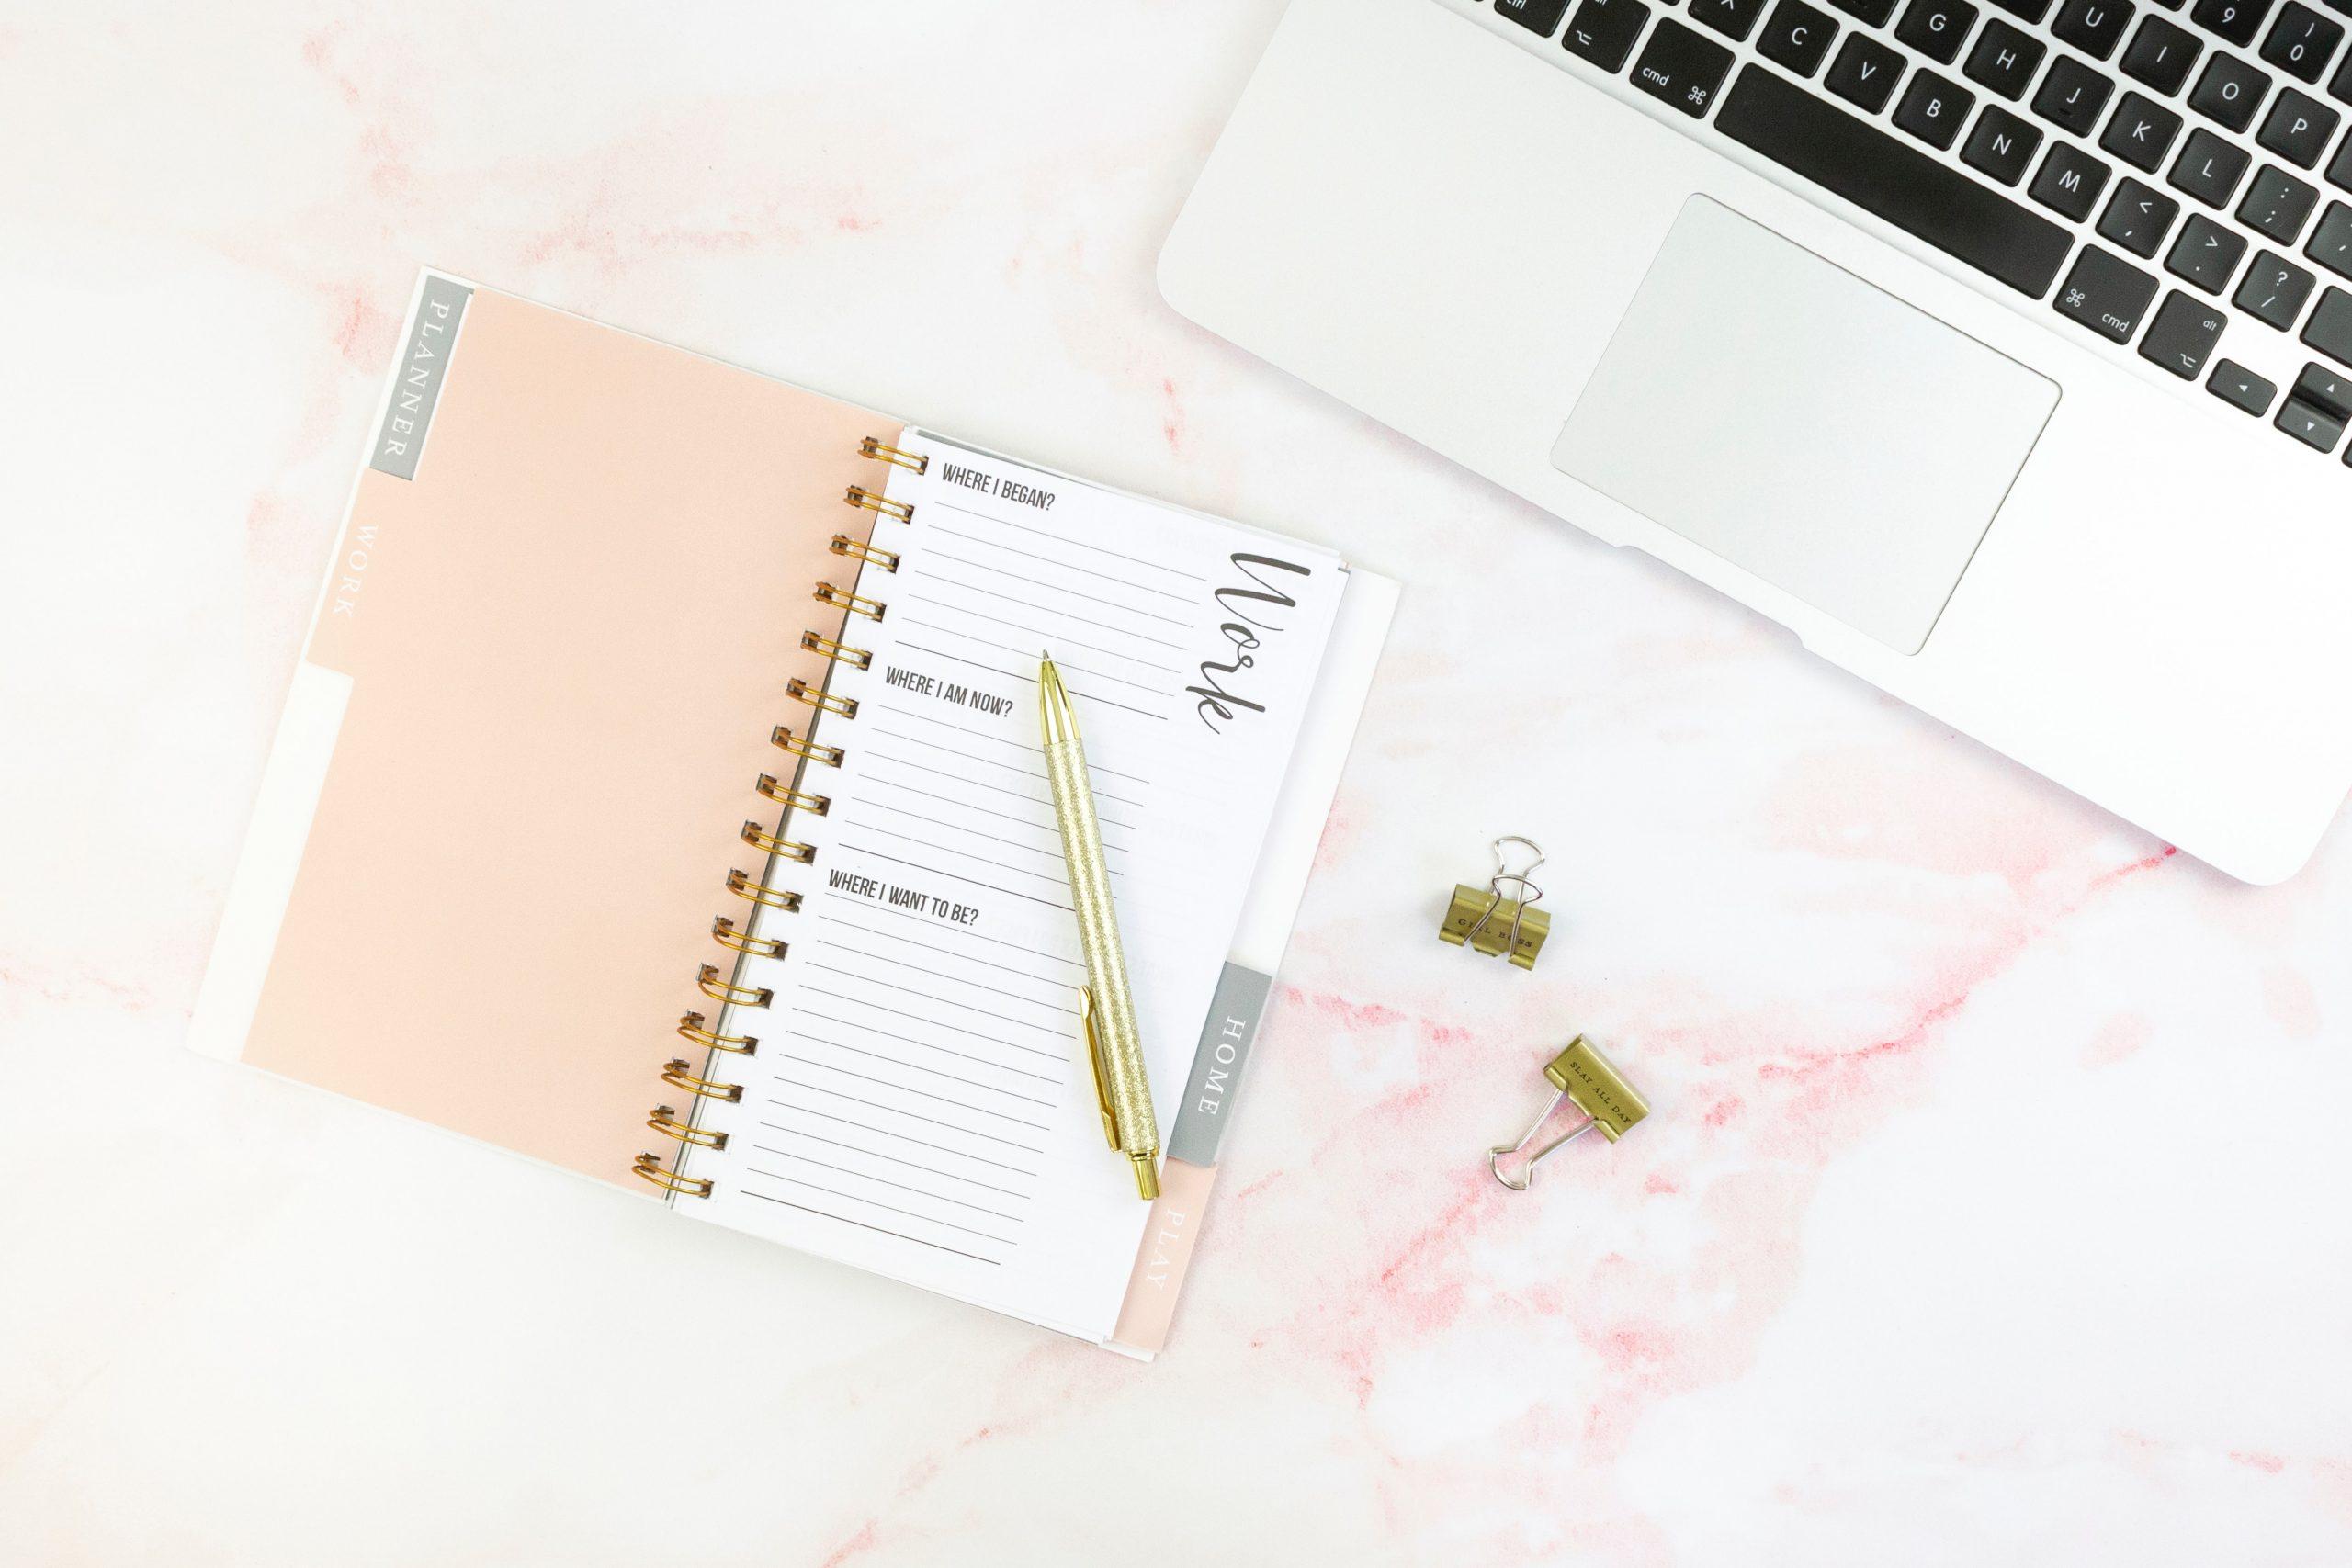 Bilan 6 mois d'entrepreneuriat : salaire, organisation et état d'esprit